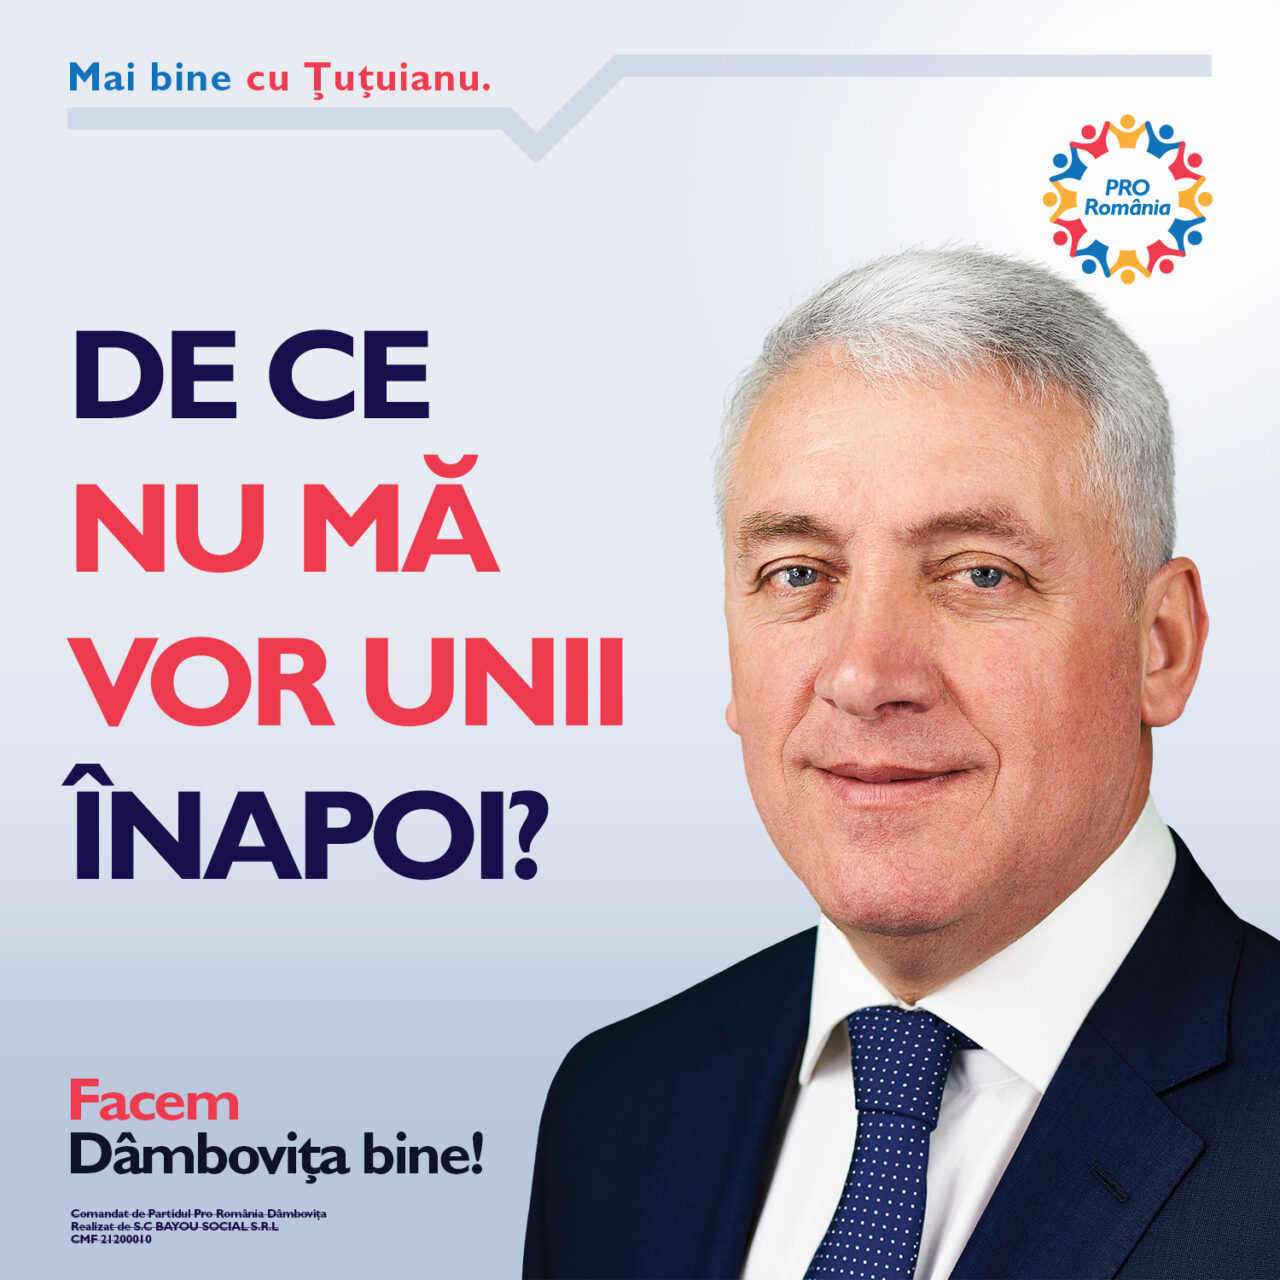 https://adriantutuianu.ro/wp-content/uploads/2020/09/de-ce-nu-ma-vor-1-1280x1280.jpg